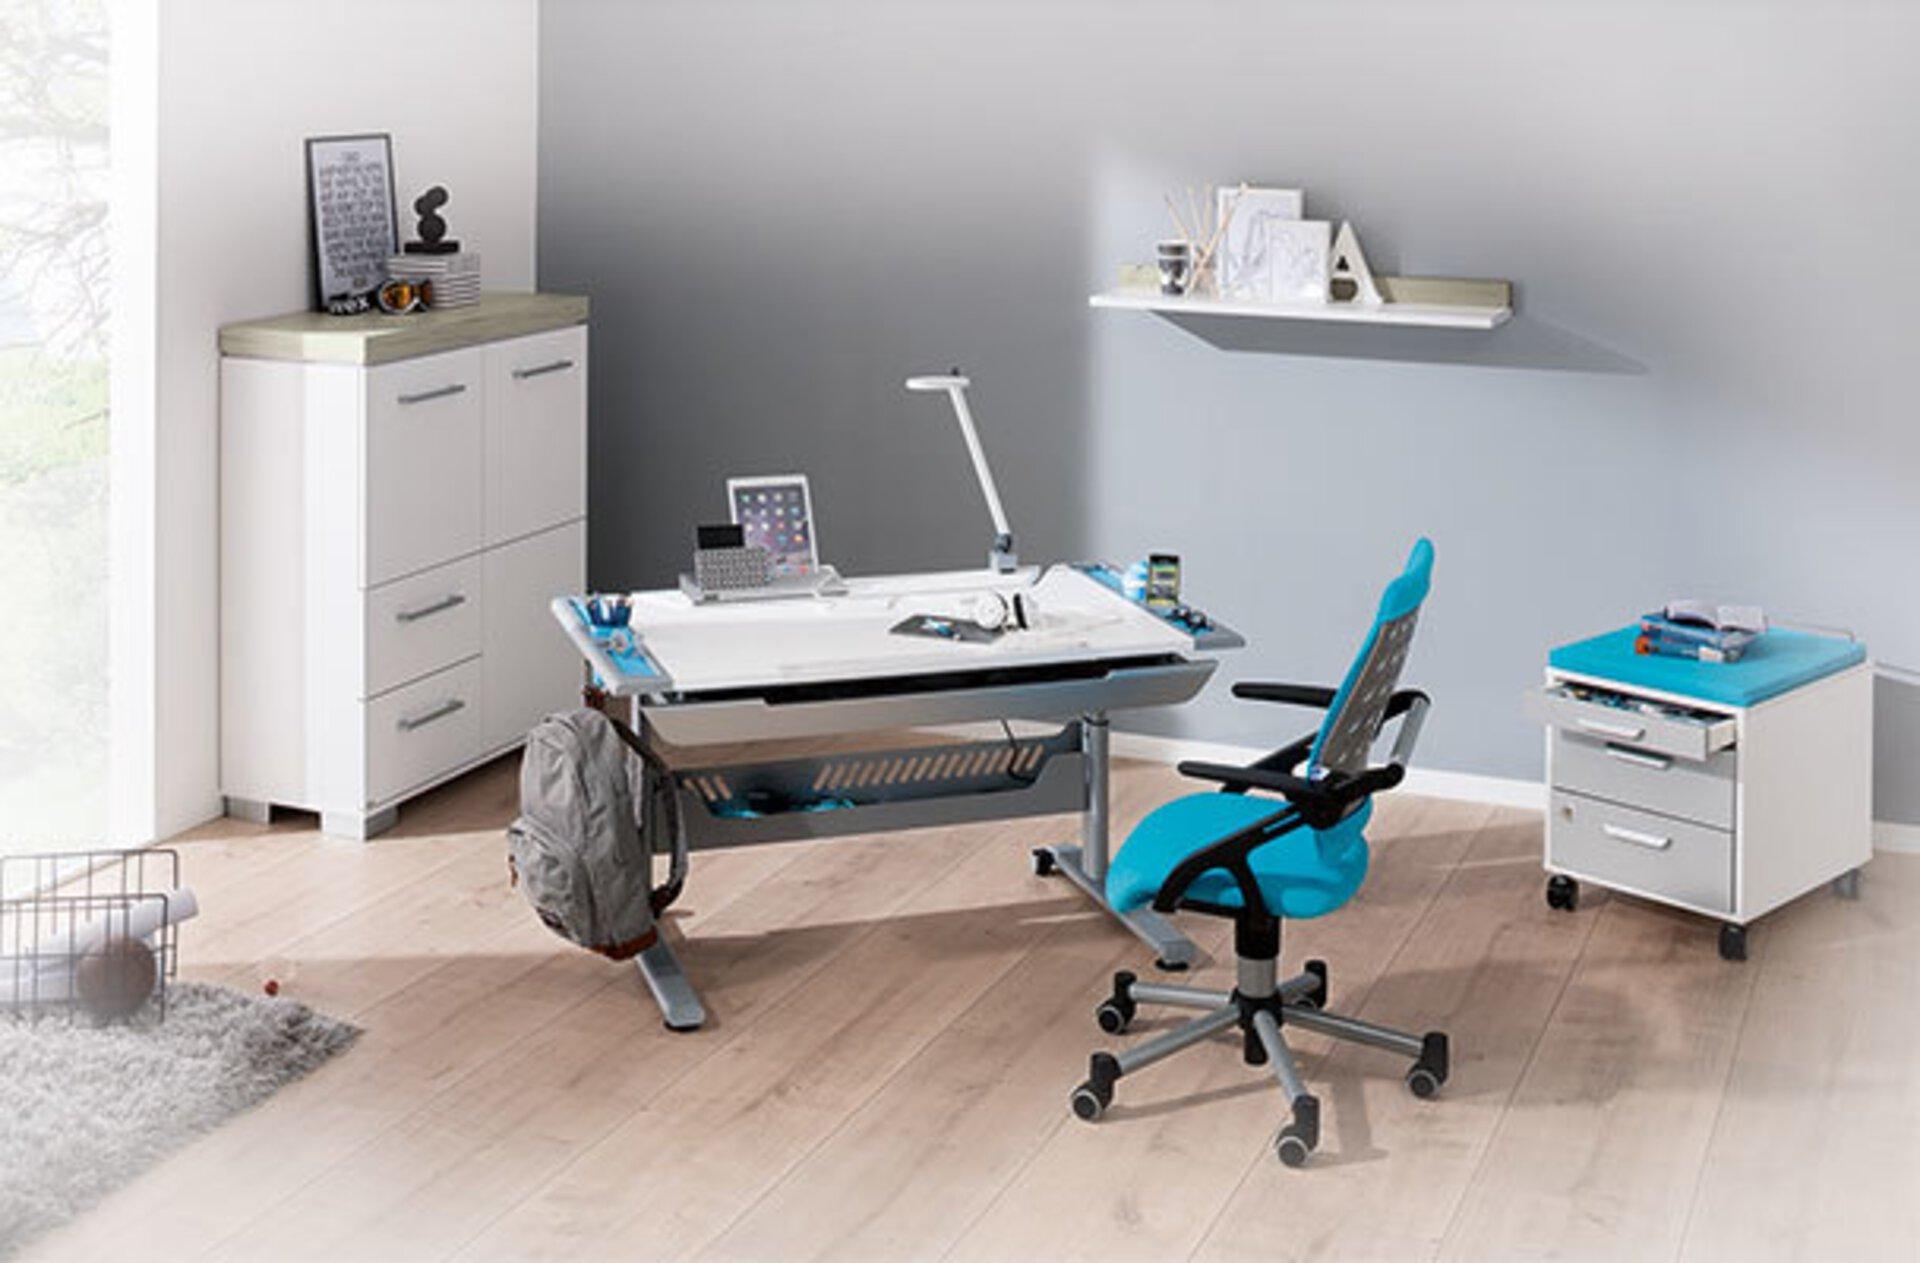 """Jugendschreibtisch mit höhenverstellbarer und kippbarer Tischplatte in einem hellen Jugendzimmer dient als zweites Milieubild im Inspirationsbereich """" ergonomische Büromöbel""""."""